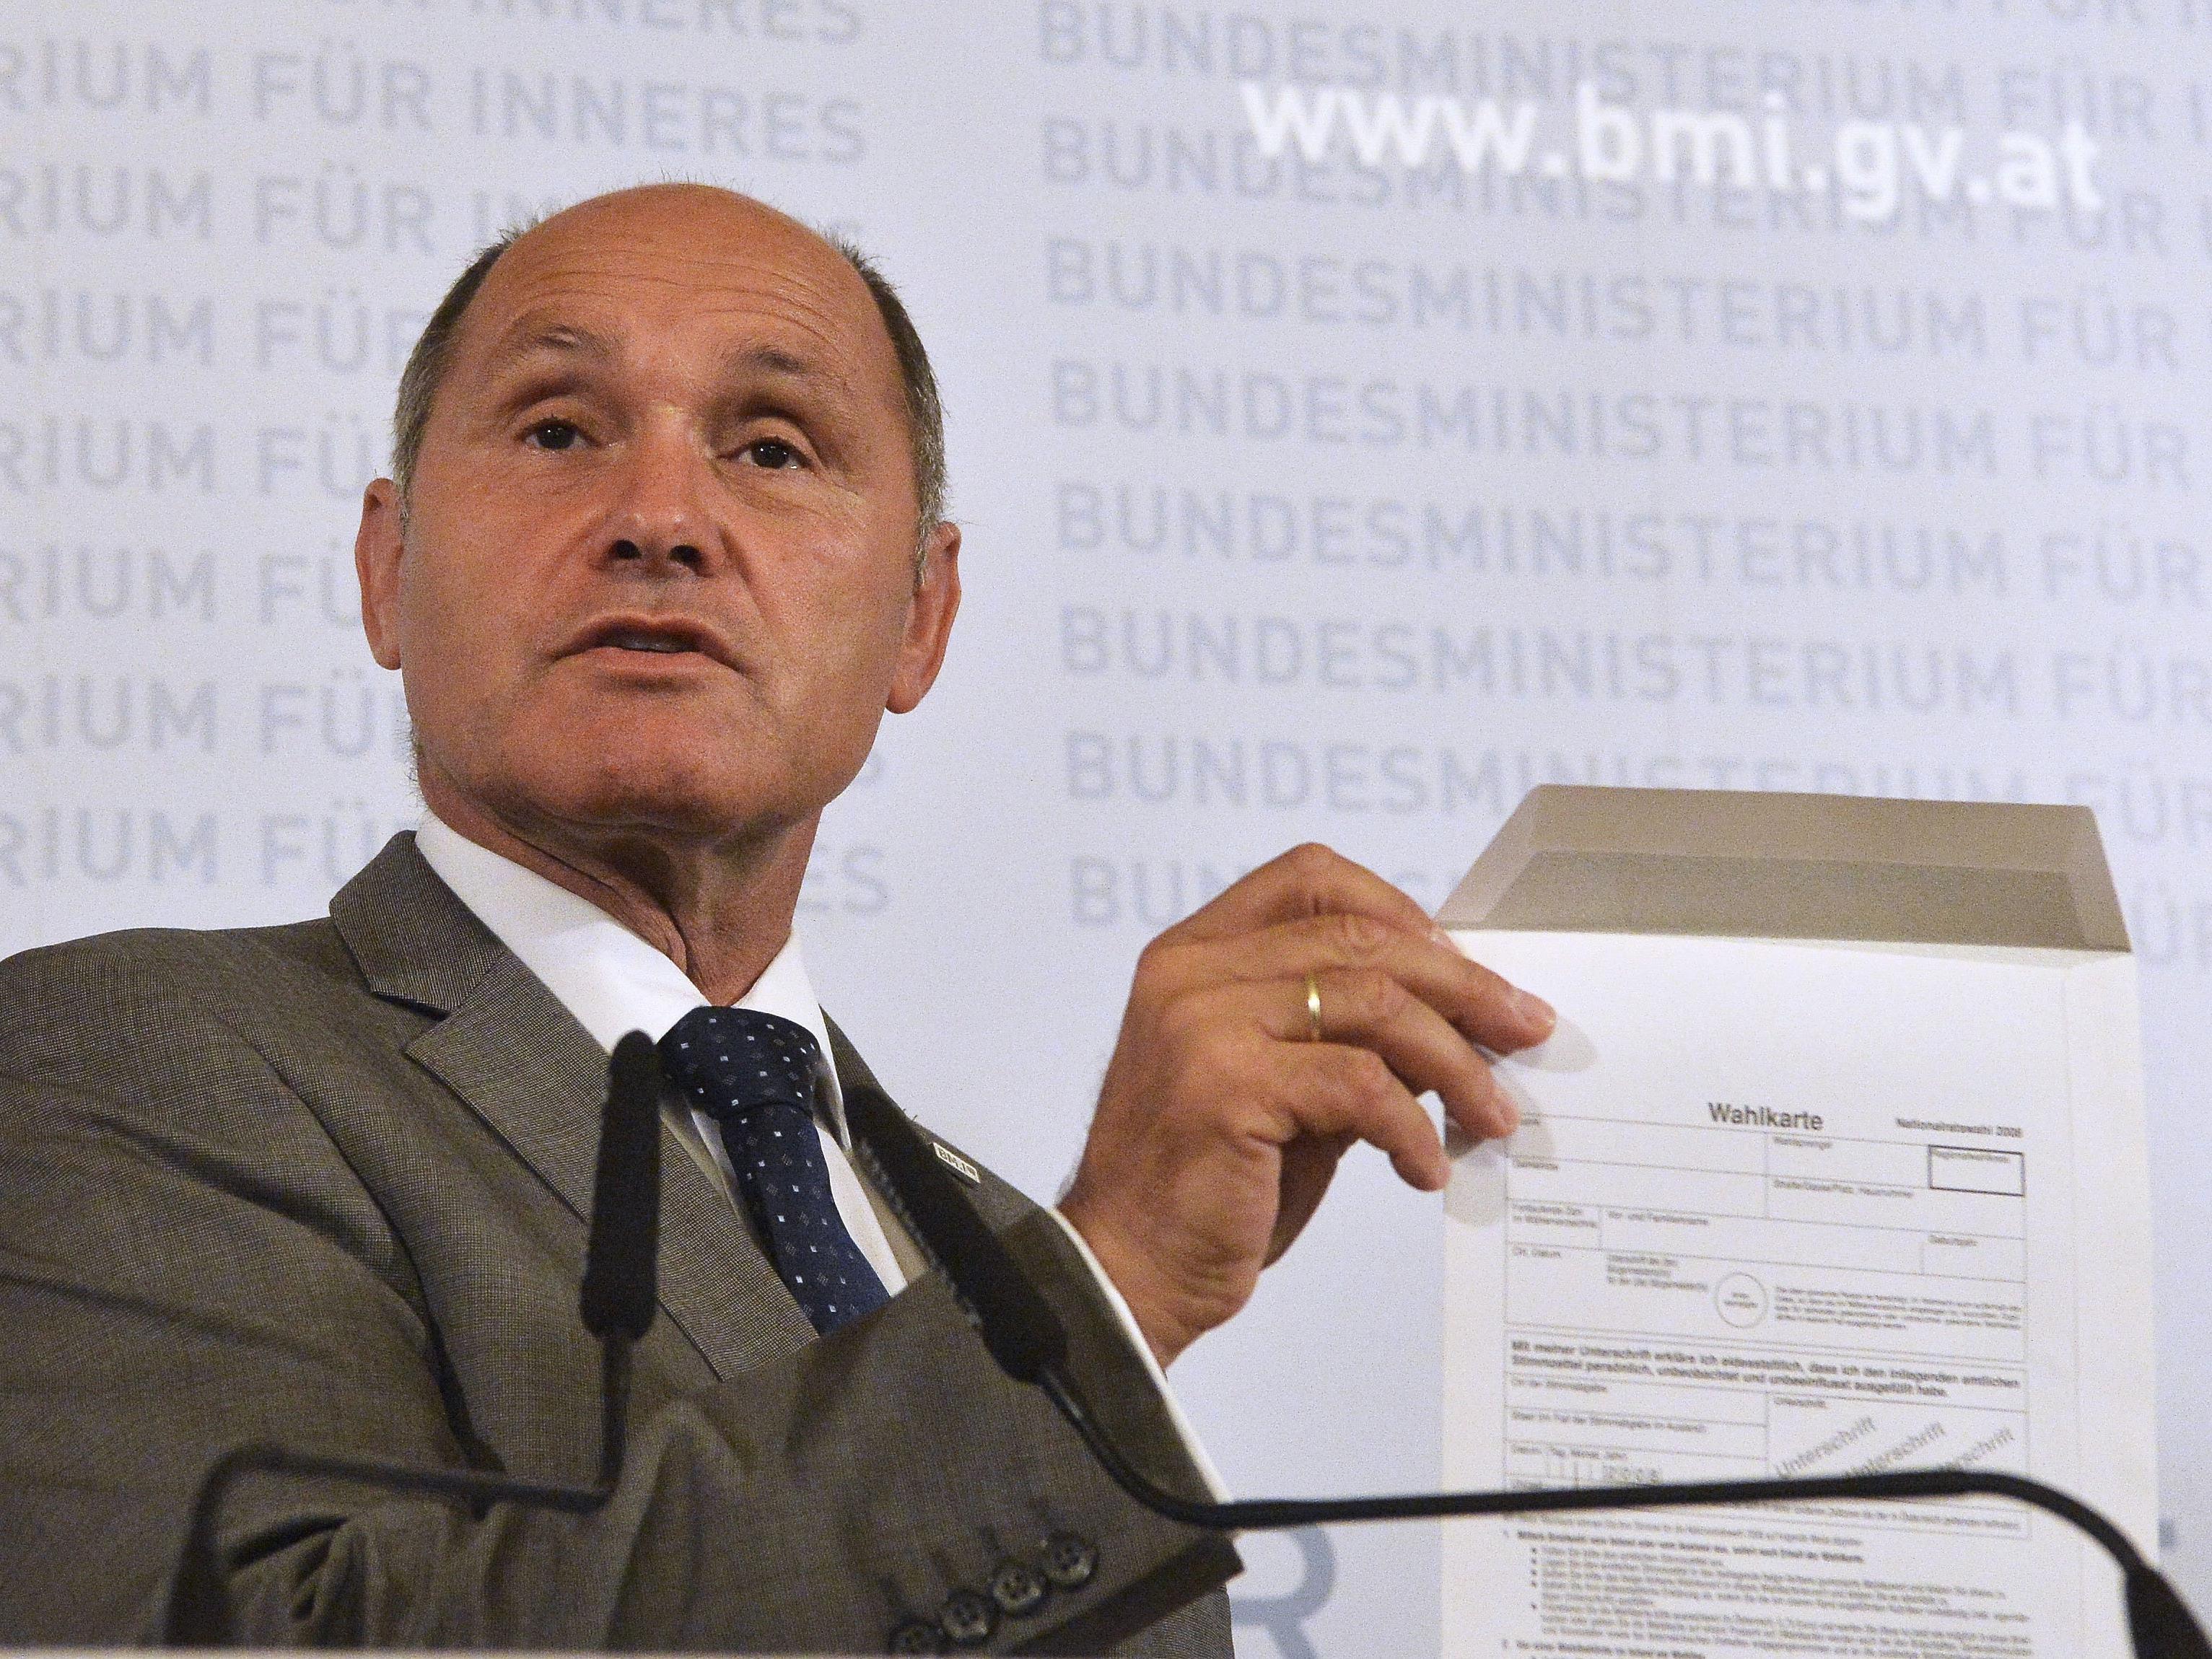 Sobotka zeigte die fehlerhaften Kuverts für die Wahlkarten